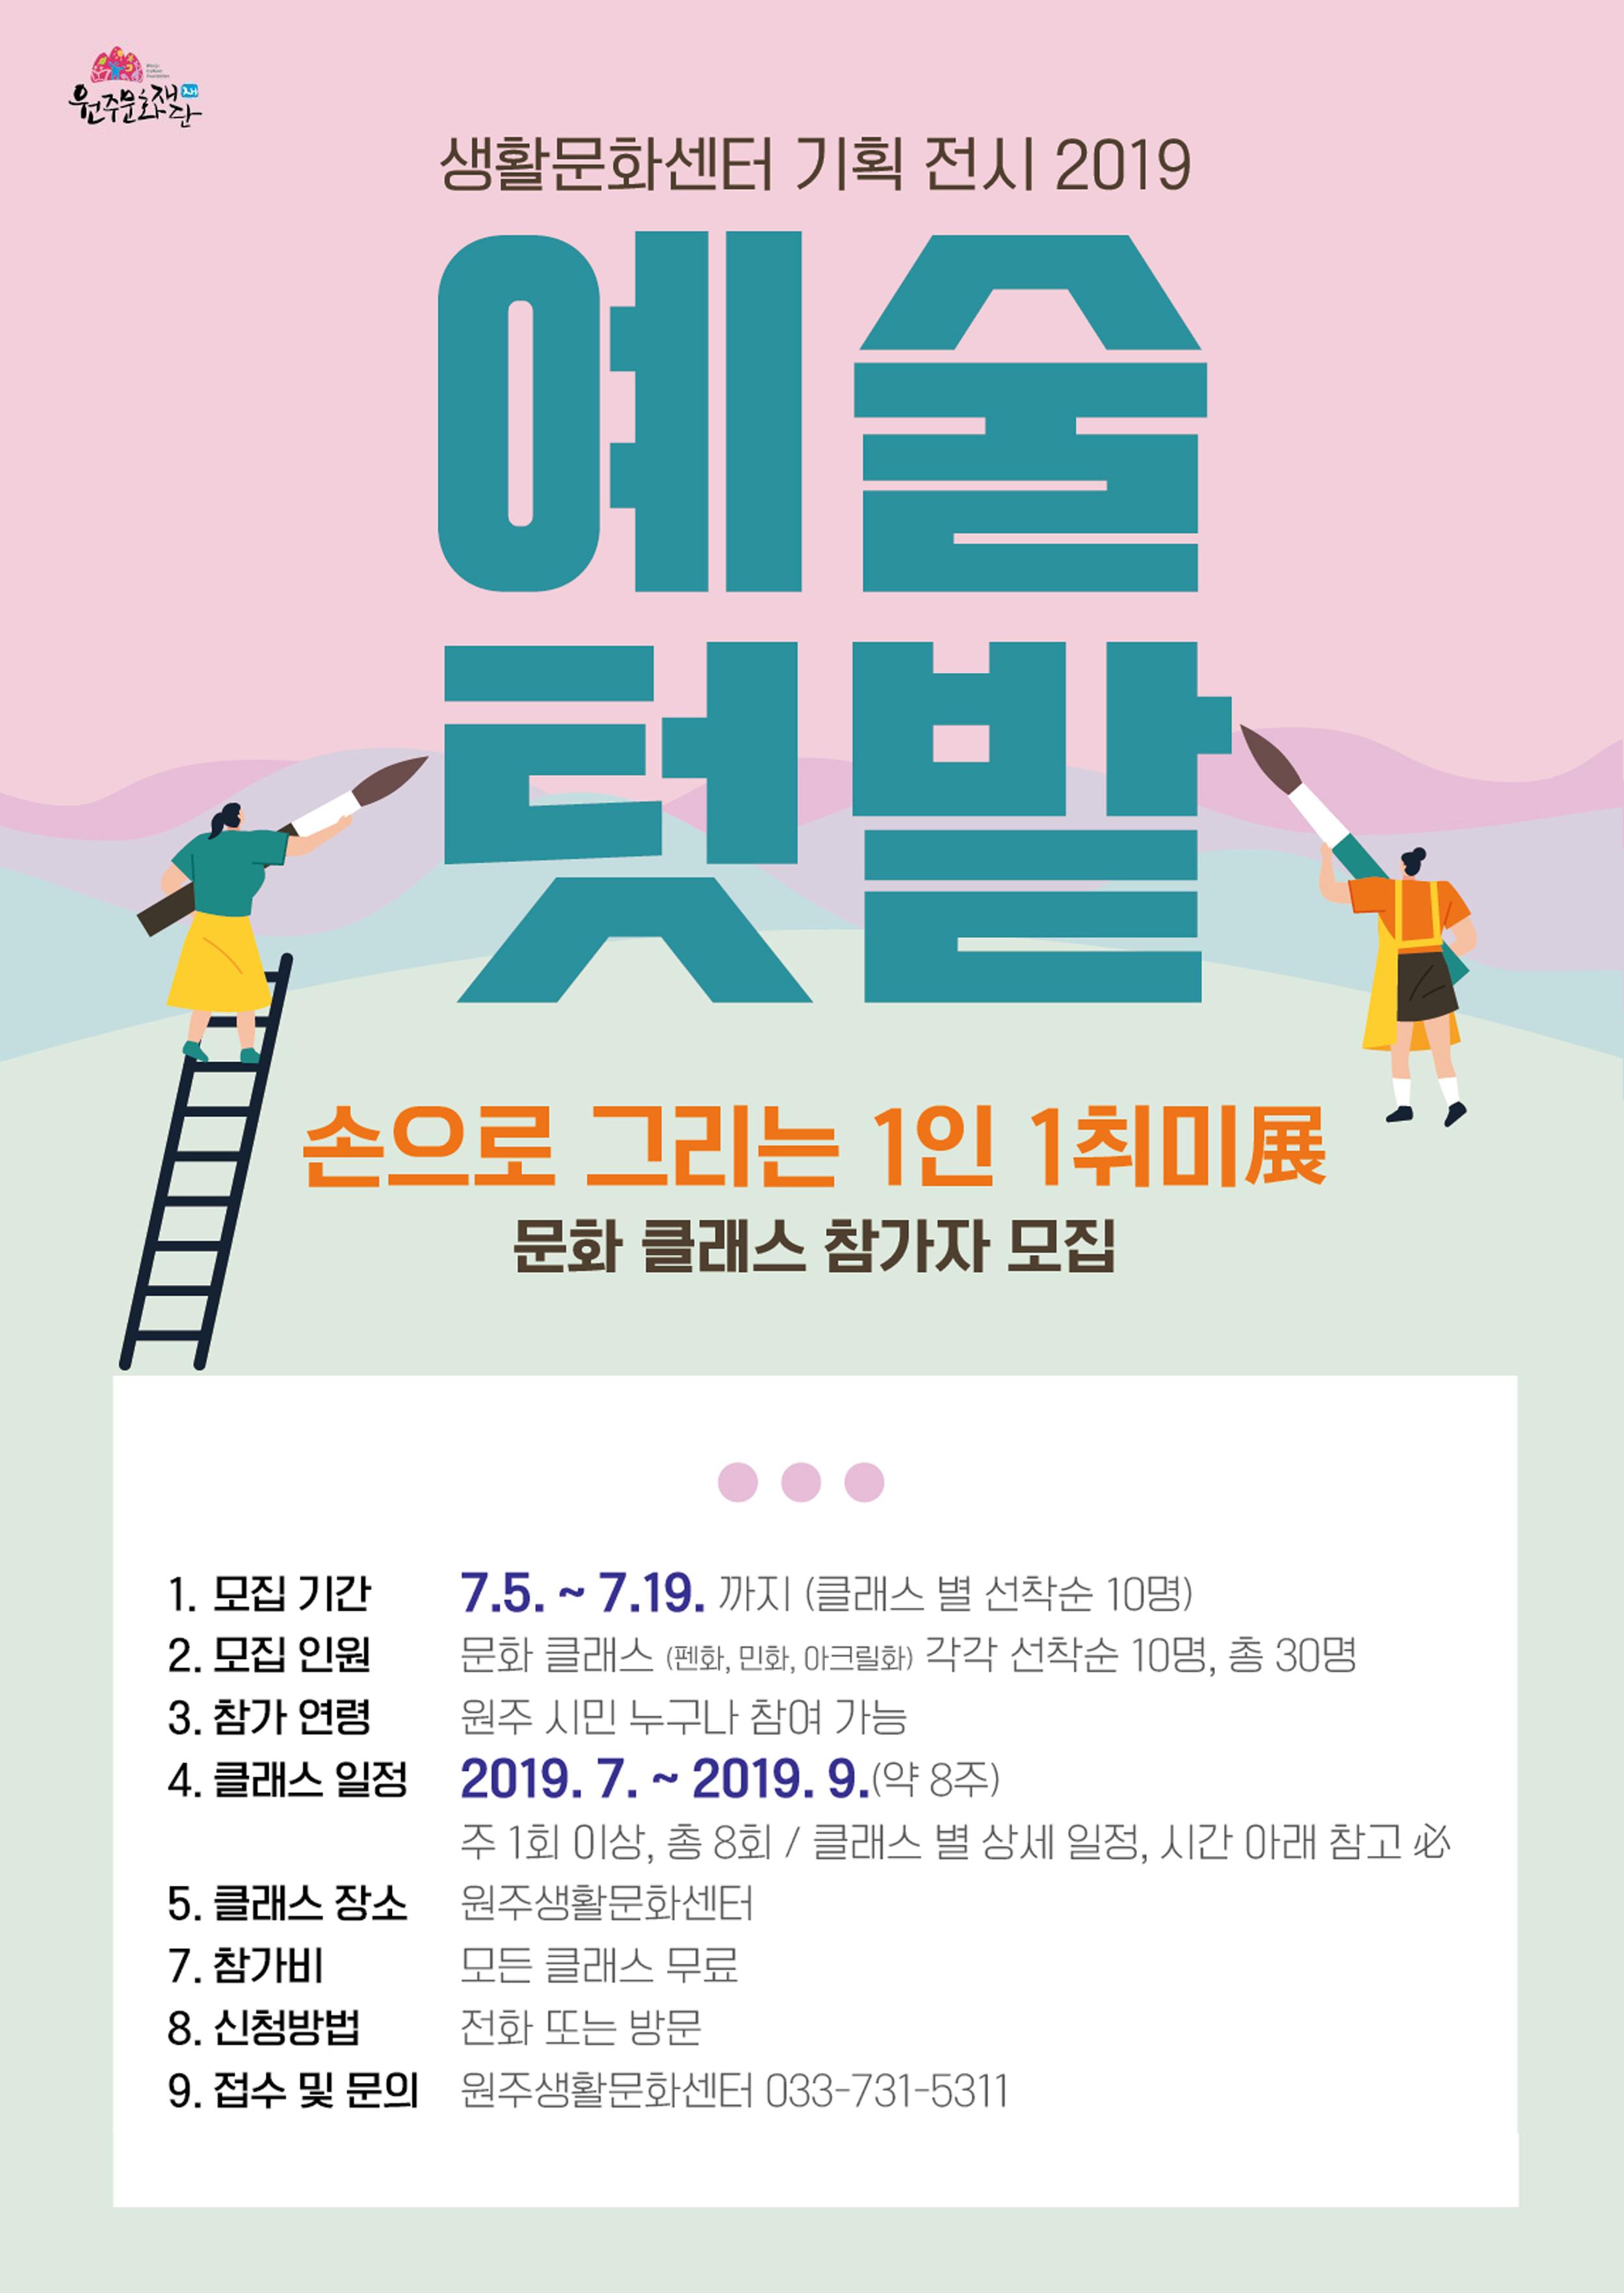 2019 예술텃밭 '손으로 그리는 1인 1취미展 문화...